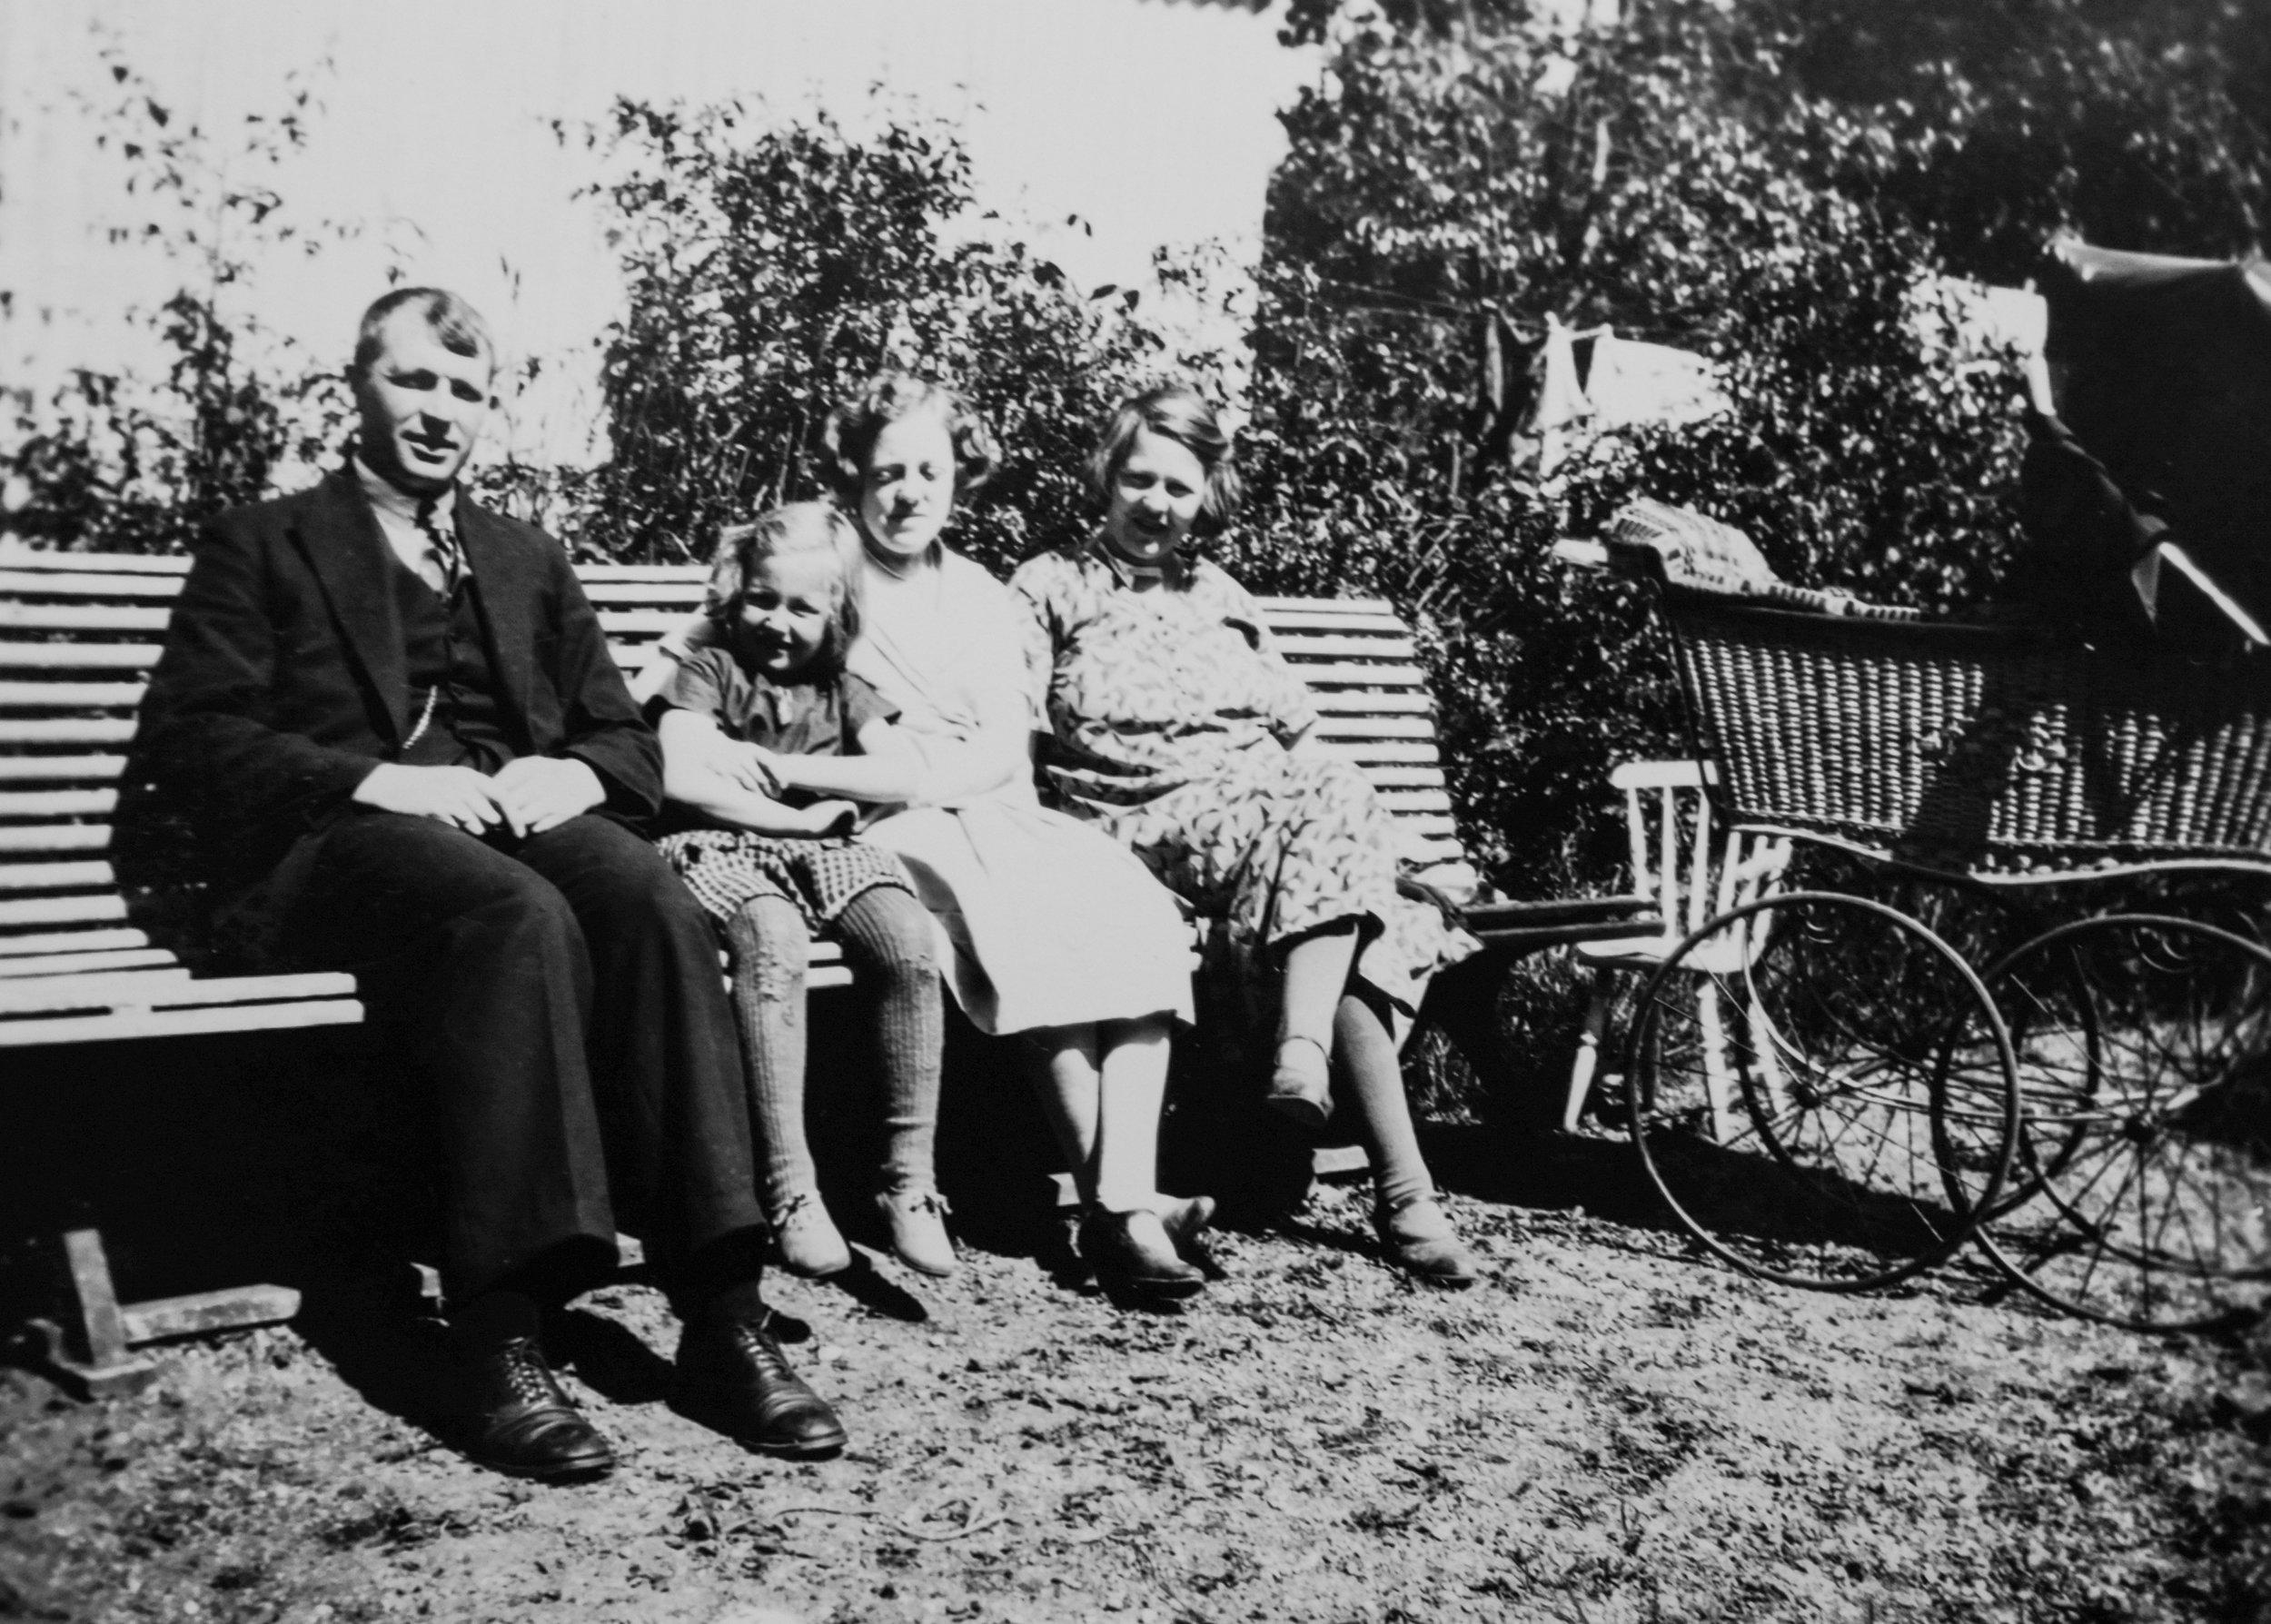 Frå venstre:Haugen, Ragnhild (dotter), Sigrid (søster) og Birgit (kone). I vogna ligg truleg Endre jr. (Fotograf ukjend)